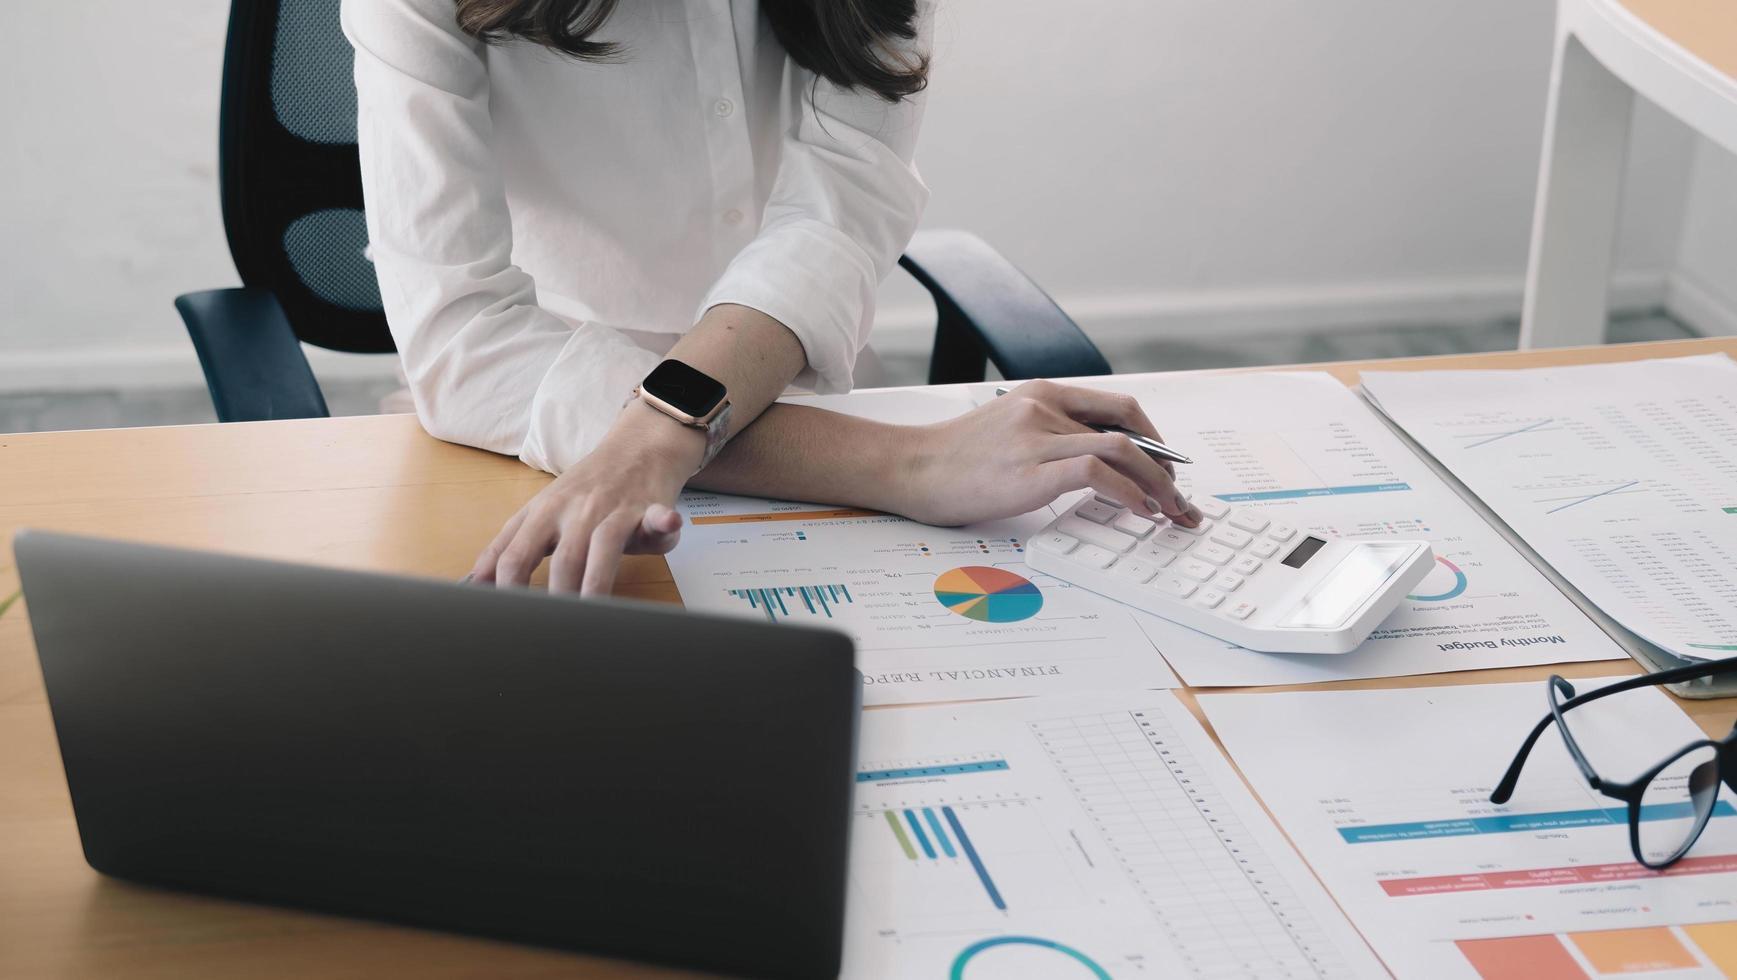 närbild ung affärskvinna som granskar projektekonomisk statistik, beräknar försäljning eller finansiella investeringar, analyserar ekonomiska grafer och diagram på datorn, hanterar budget. foto